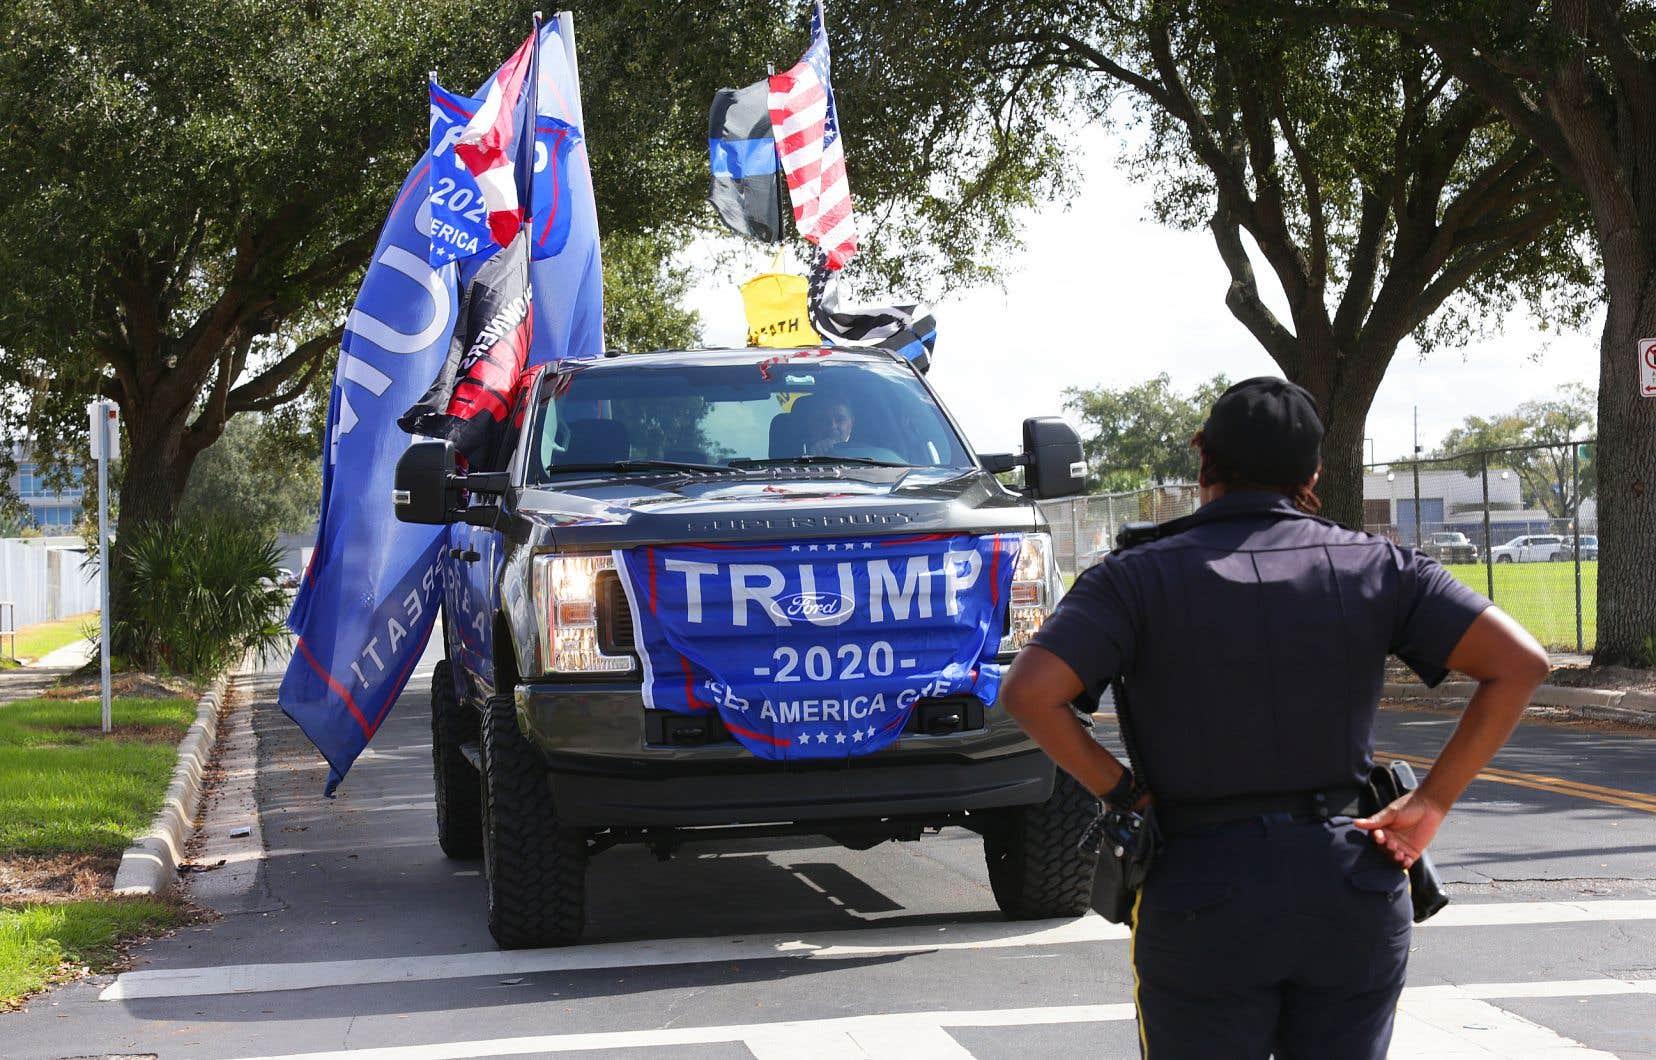 Une policière a demandé à un partisan de Trump à bord d'une camionnette de faire demi-tour, en marge du discours de l'ancien président Barack Obama, mardi, dans un stade d'Orlando, en Floride.